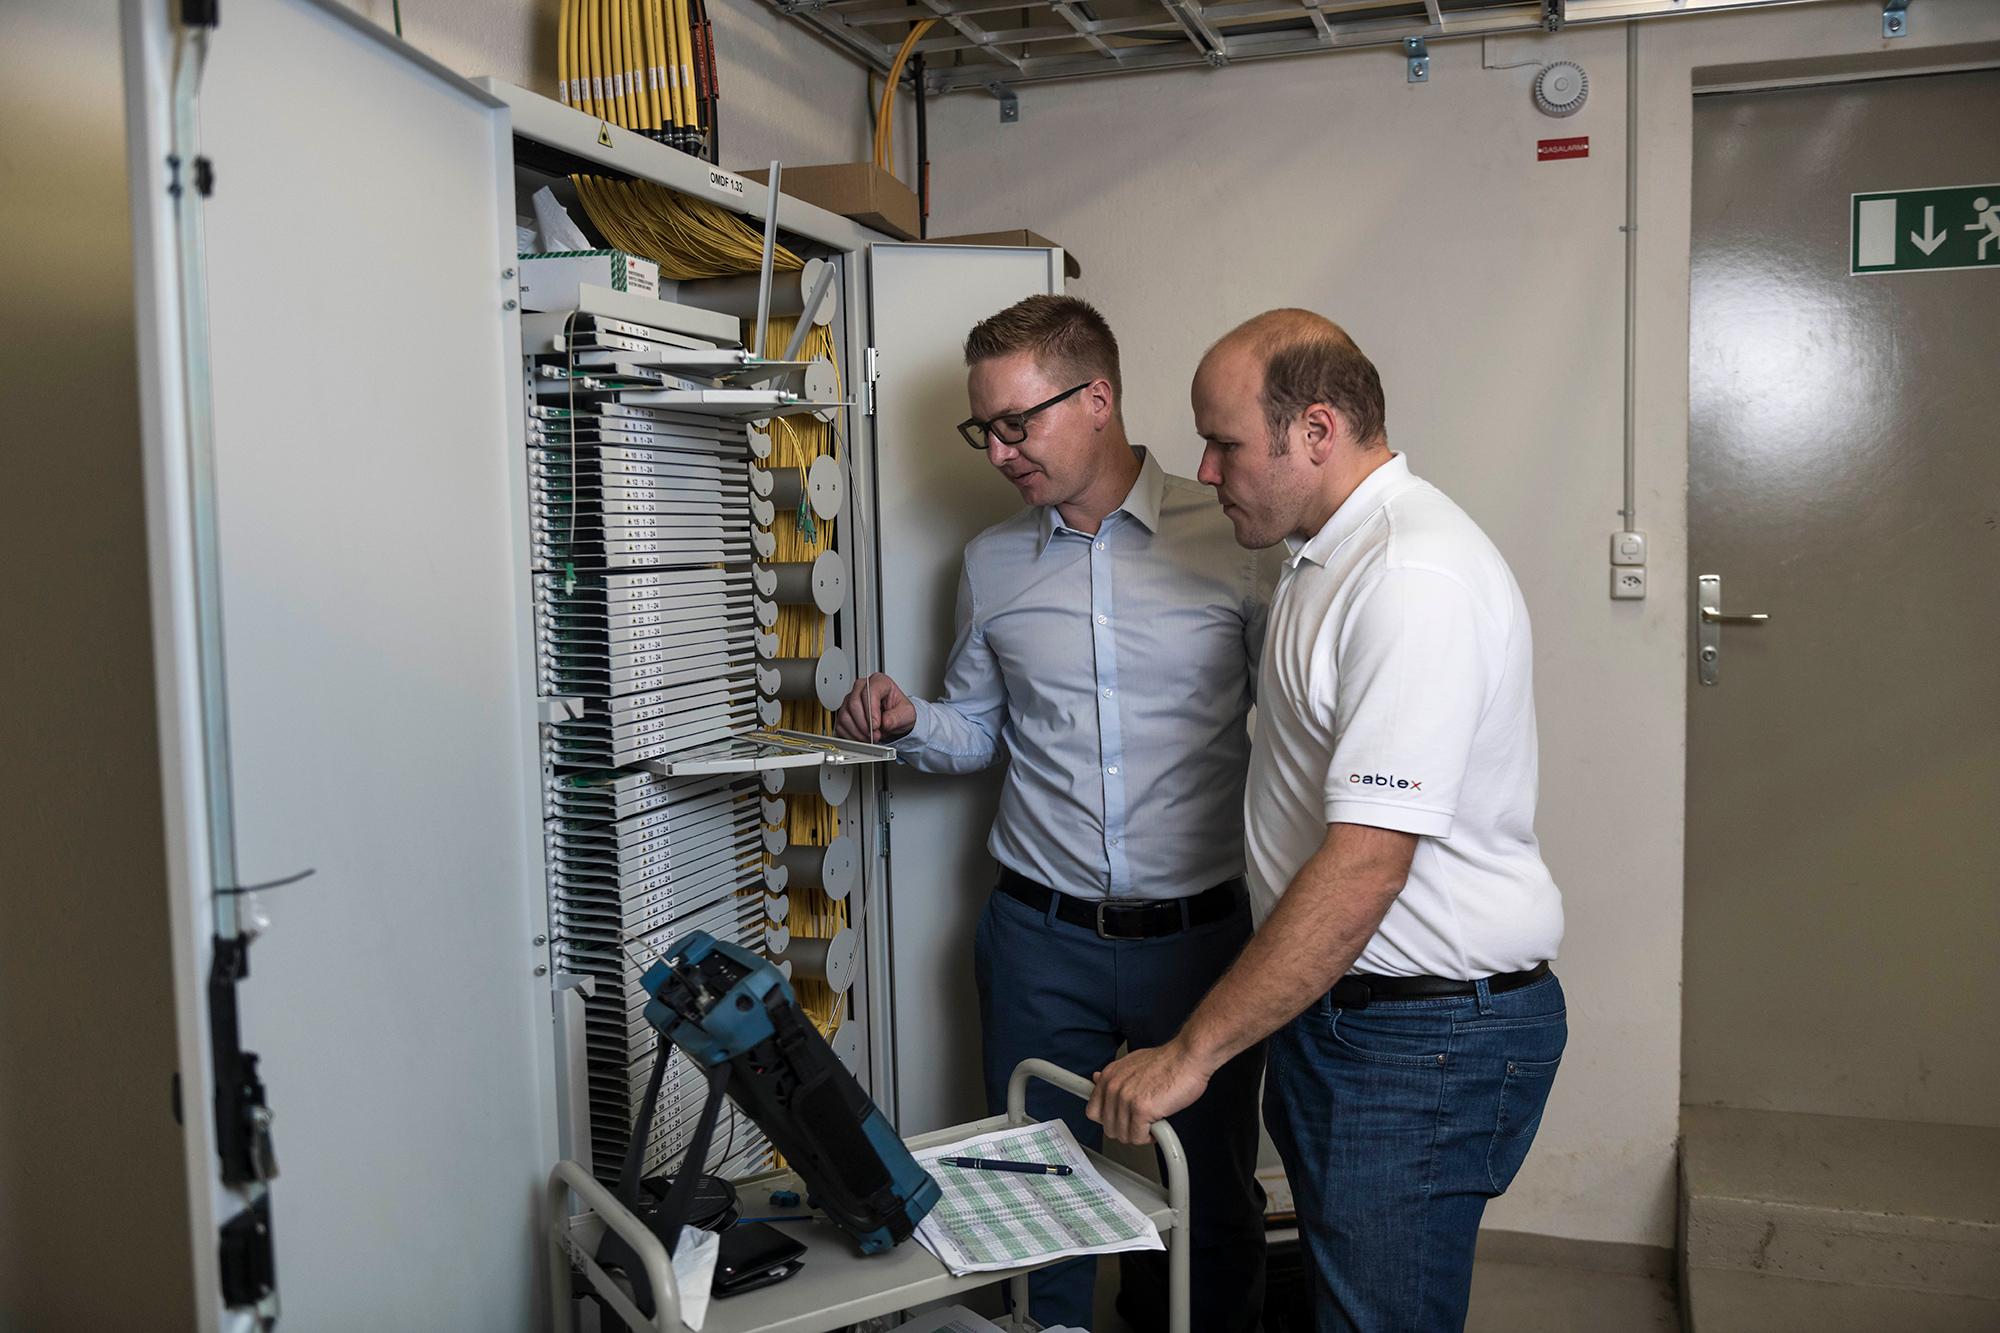 Ralf Gugelmann et les collaborateurs Cablex observent les raccordements à fibre optique pour l'Internet rapide à Balsthal